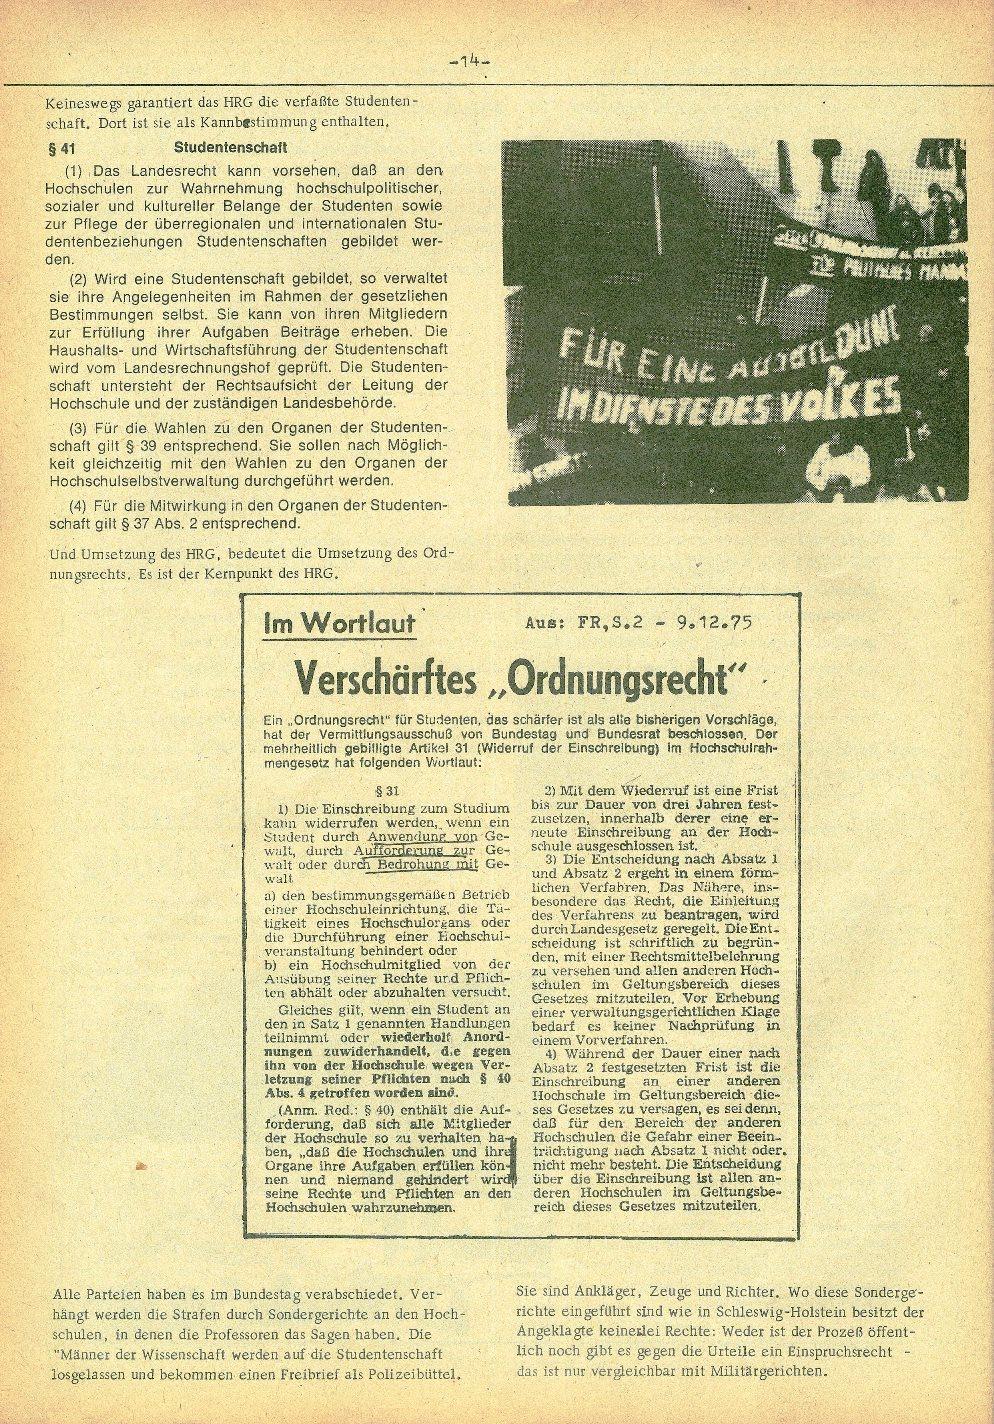 Hamburg_SSG_Regierungsprogramm014